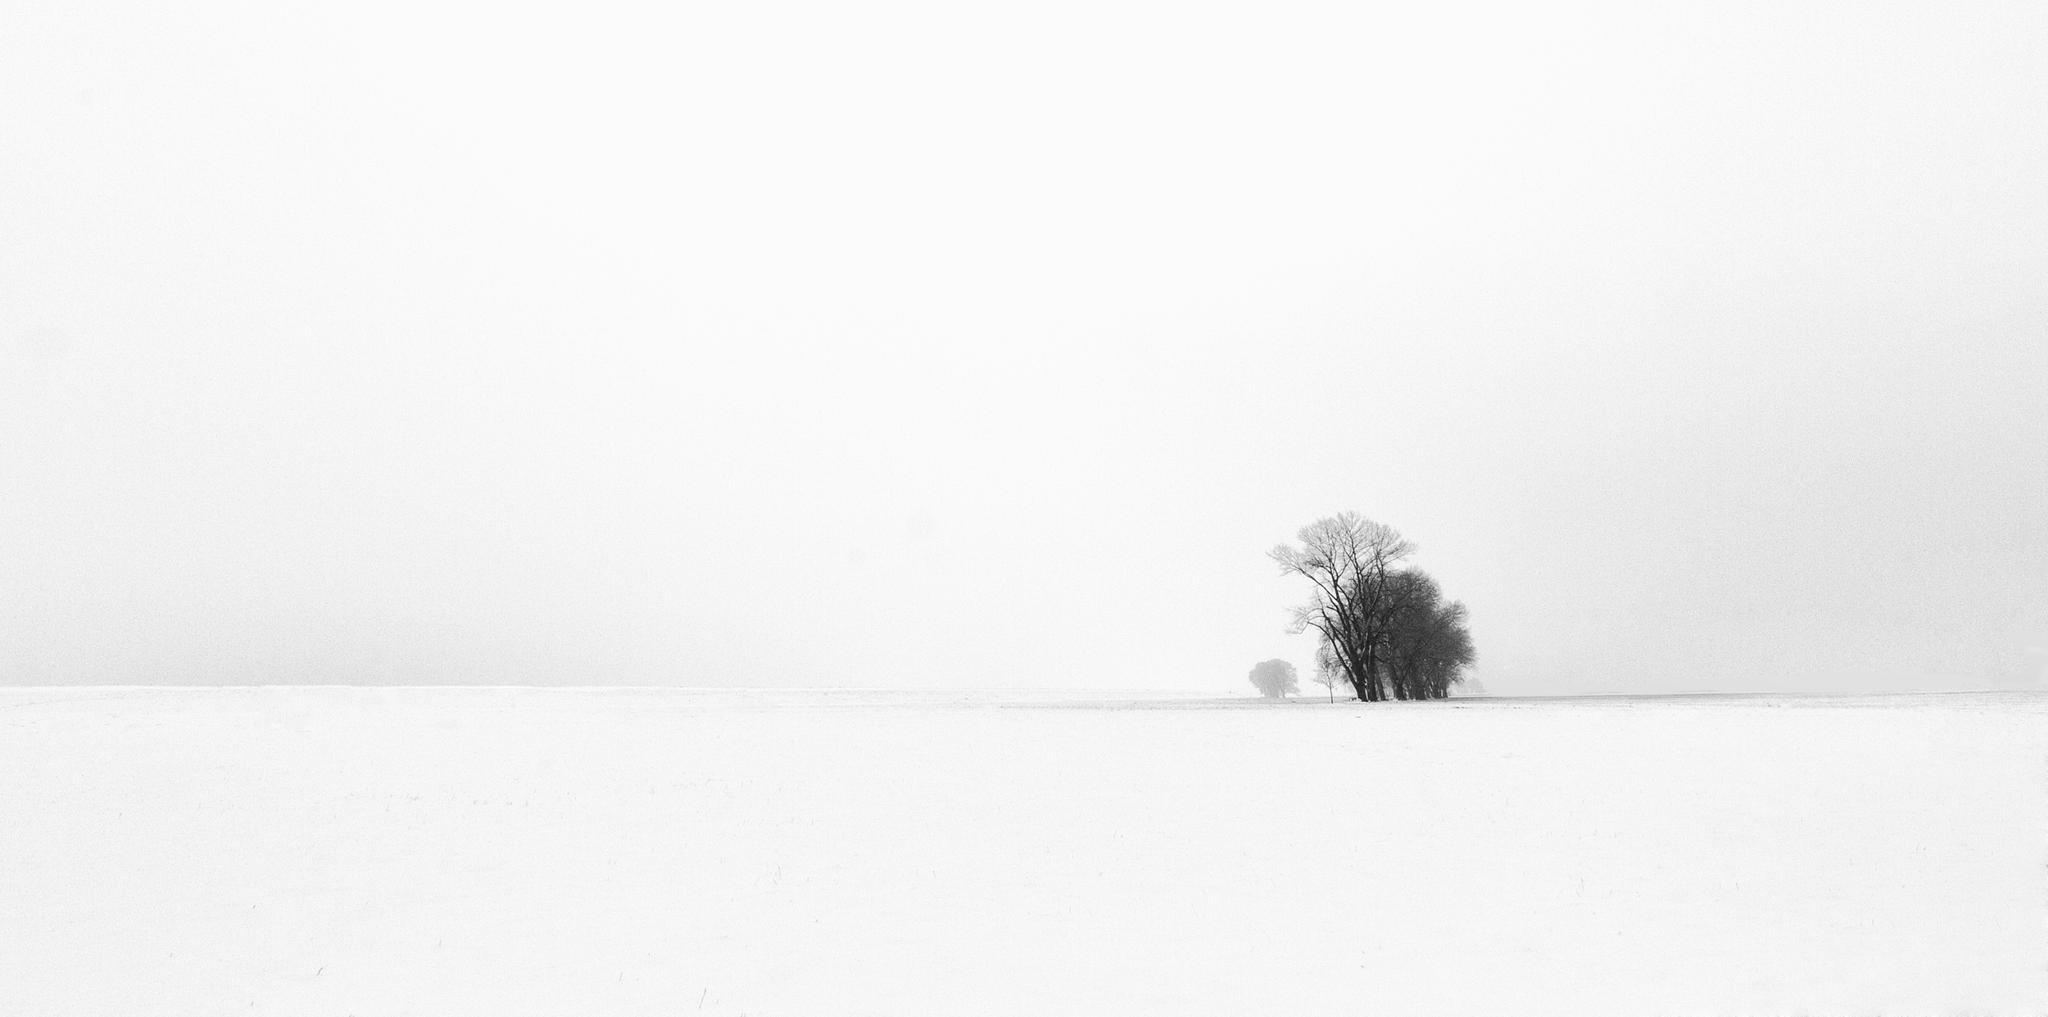 Wintertrees by Jan Neumann